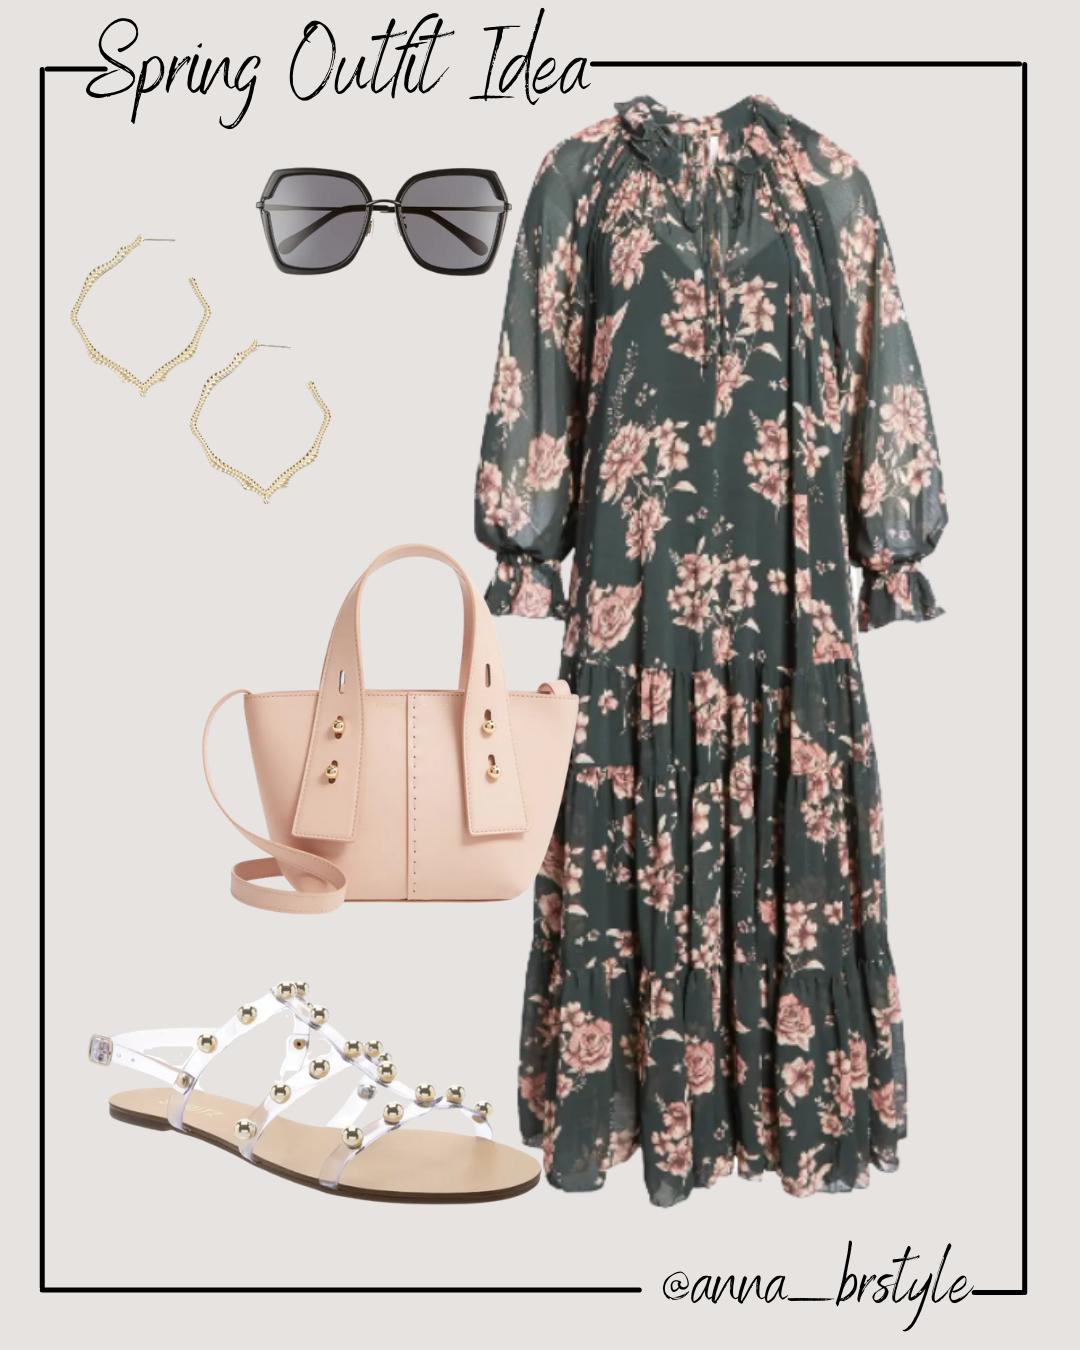 floral dress outfit idea